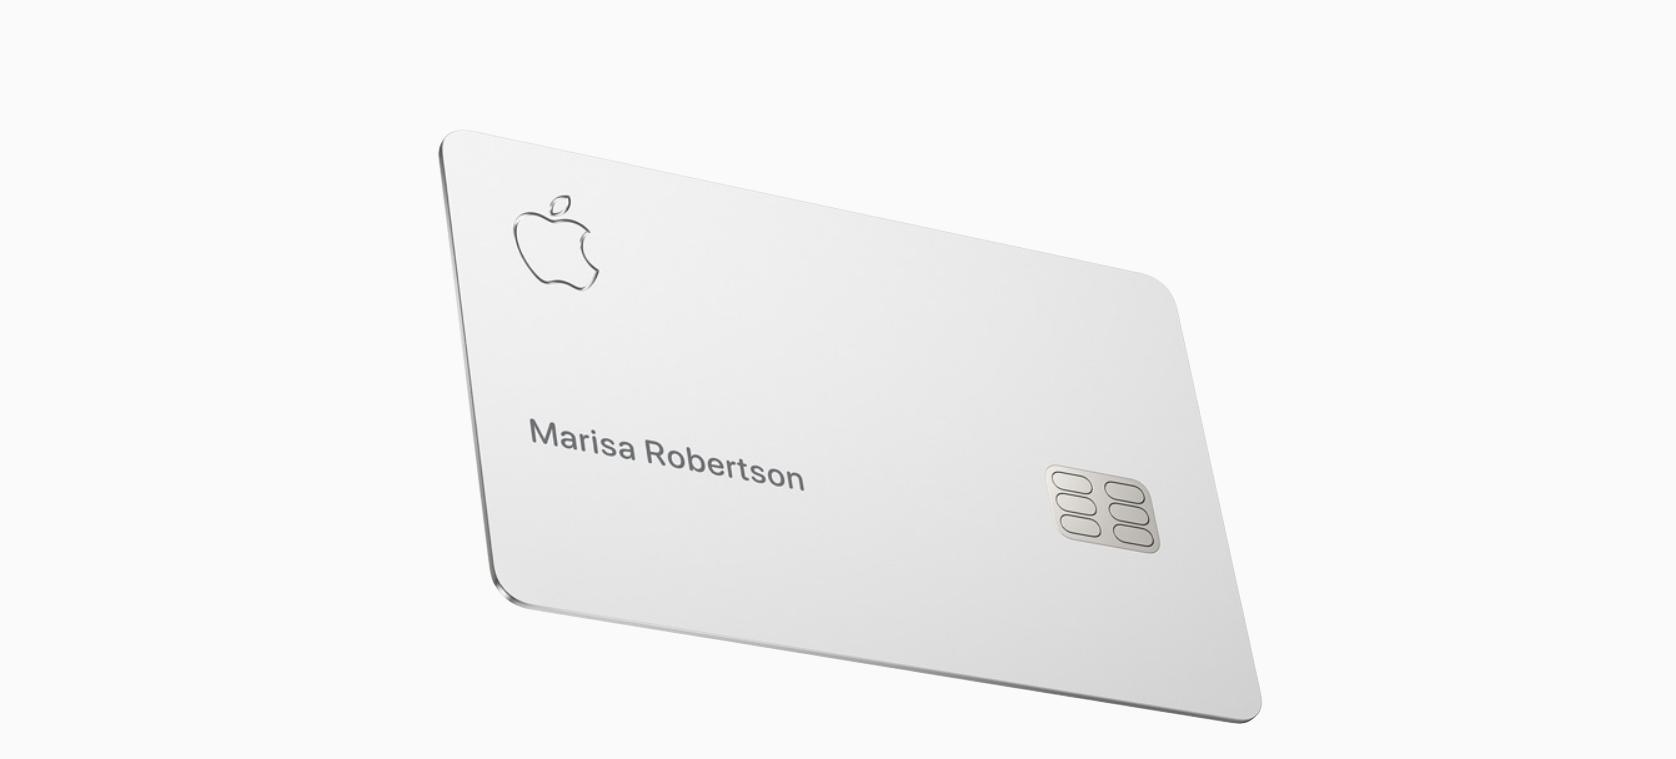 安全性被质疑:苹果Apple Card被盗刷